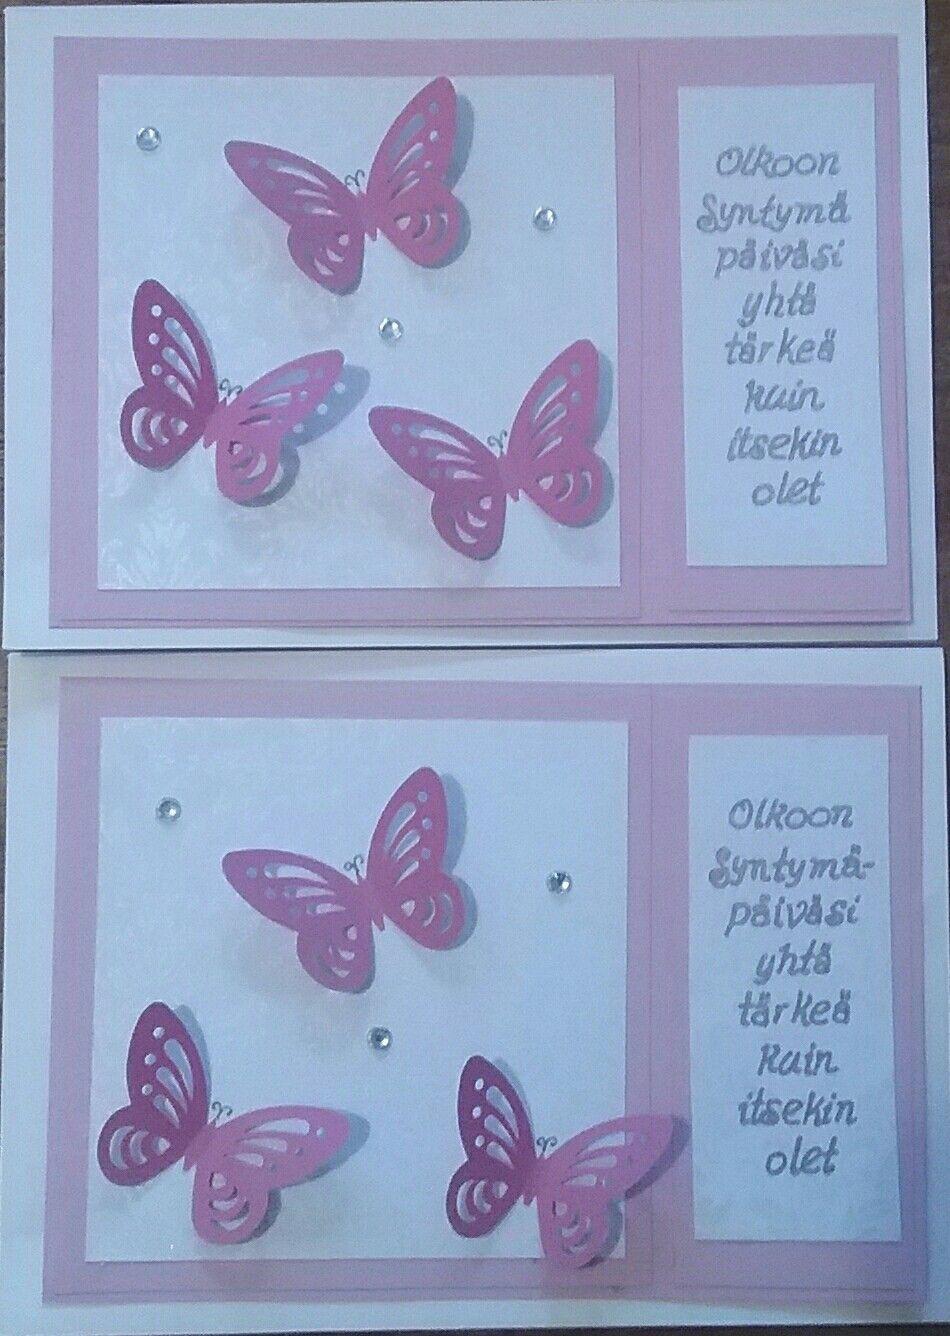 Syntymäpäiväkortit Perhos -aihe